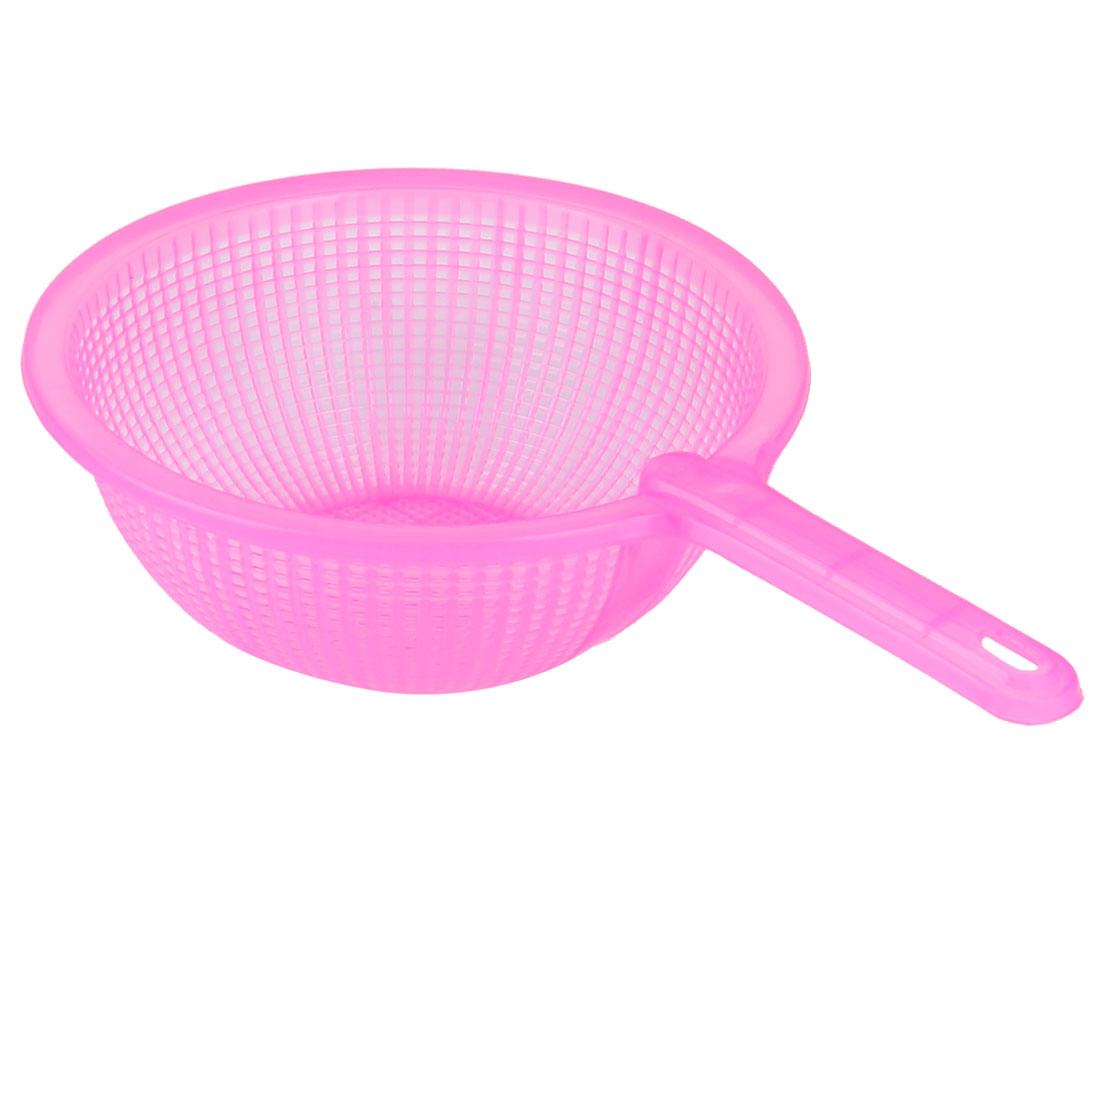 Kitchen Plastic Fruits Vegetables Rice Washing Wash Filter Strainer Colander Pink